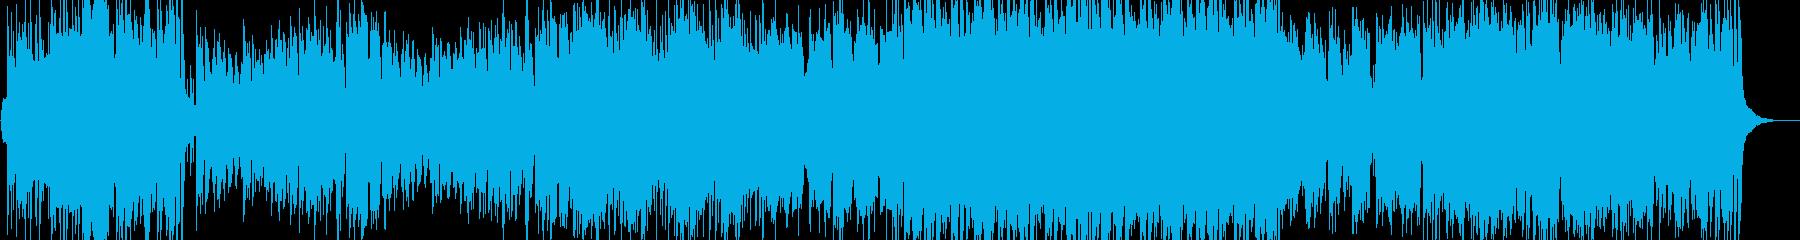 和風オーケストラCM企業VPオープニングの再生済みの波形